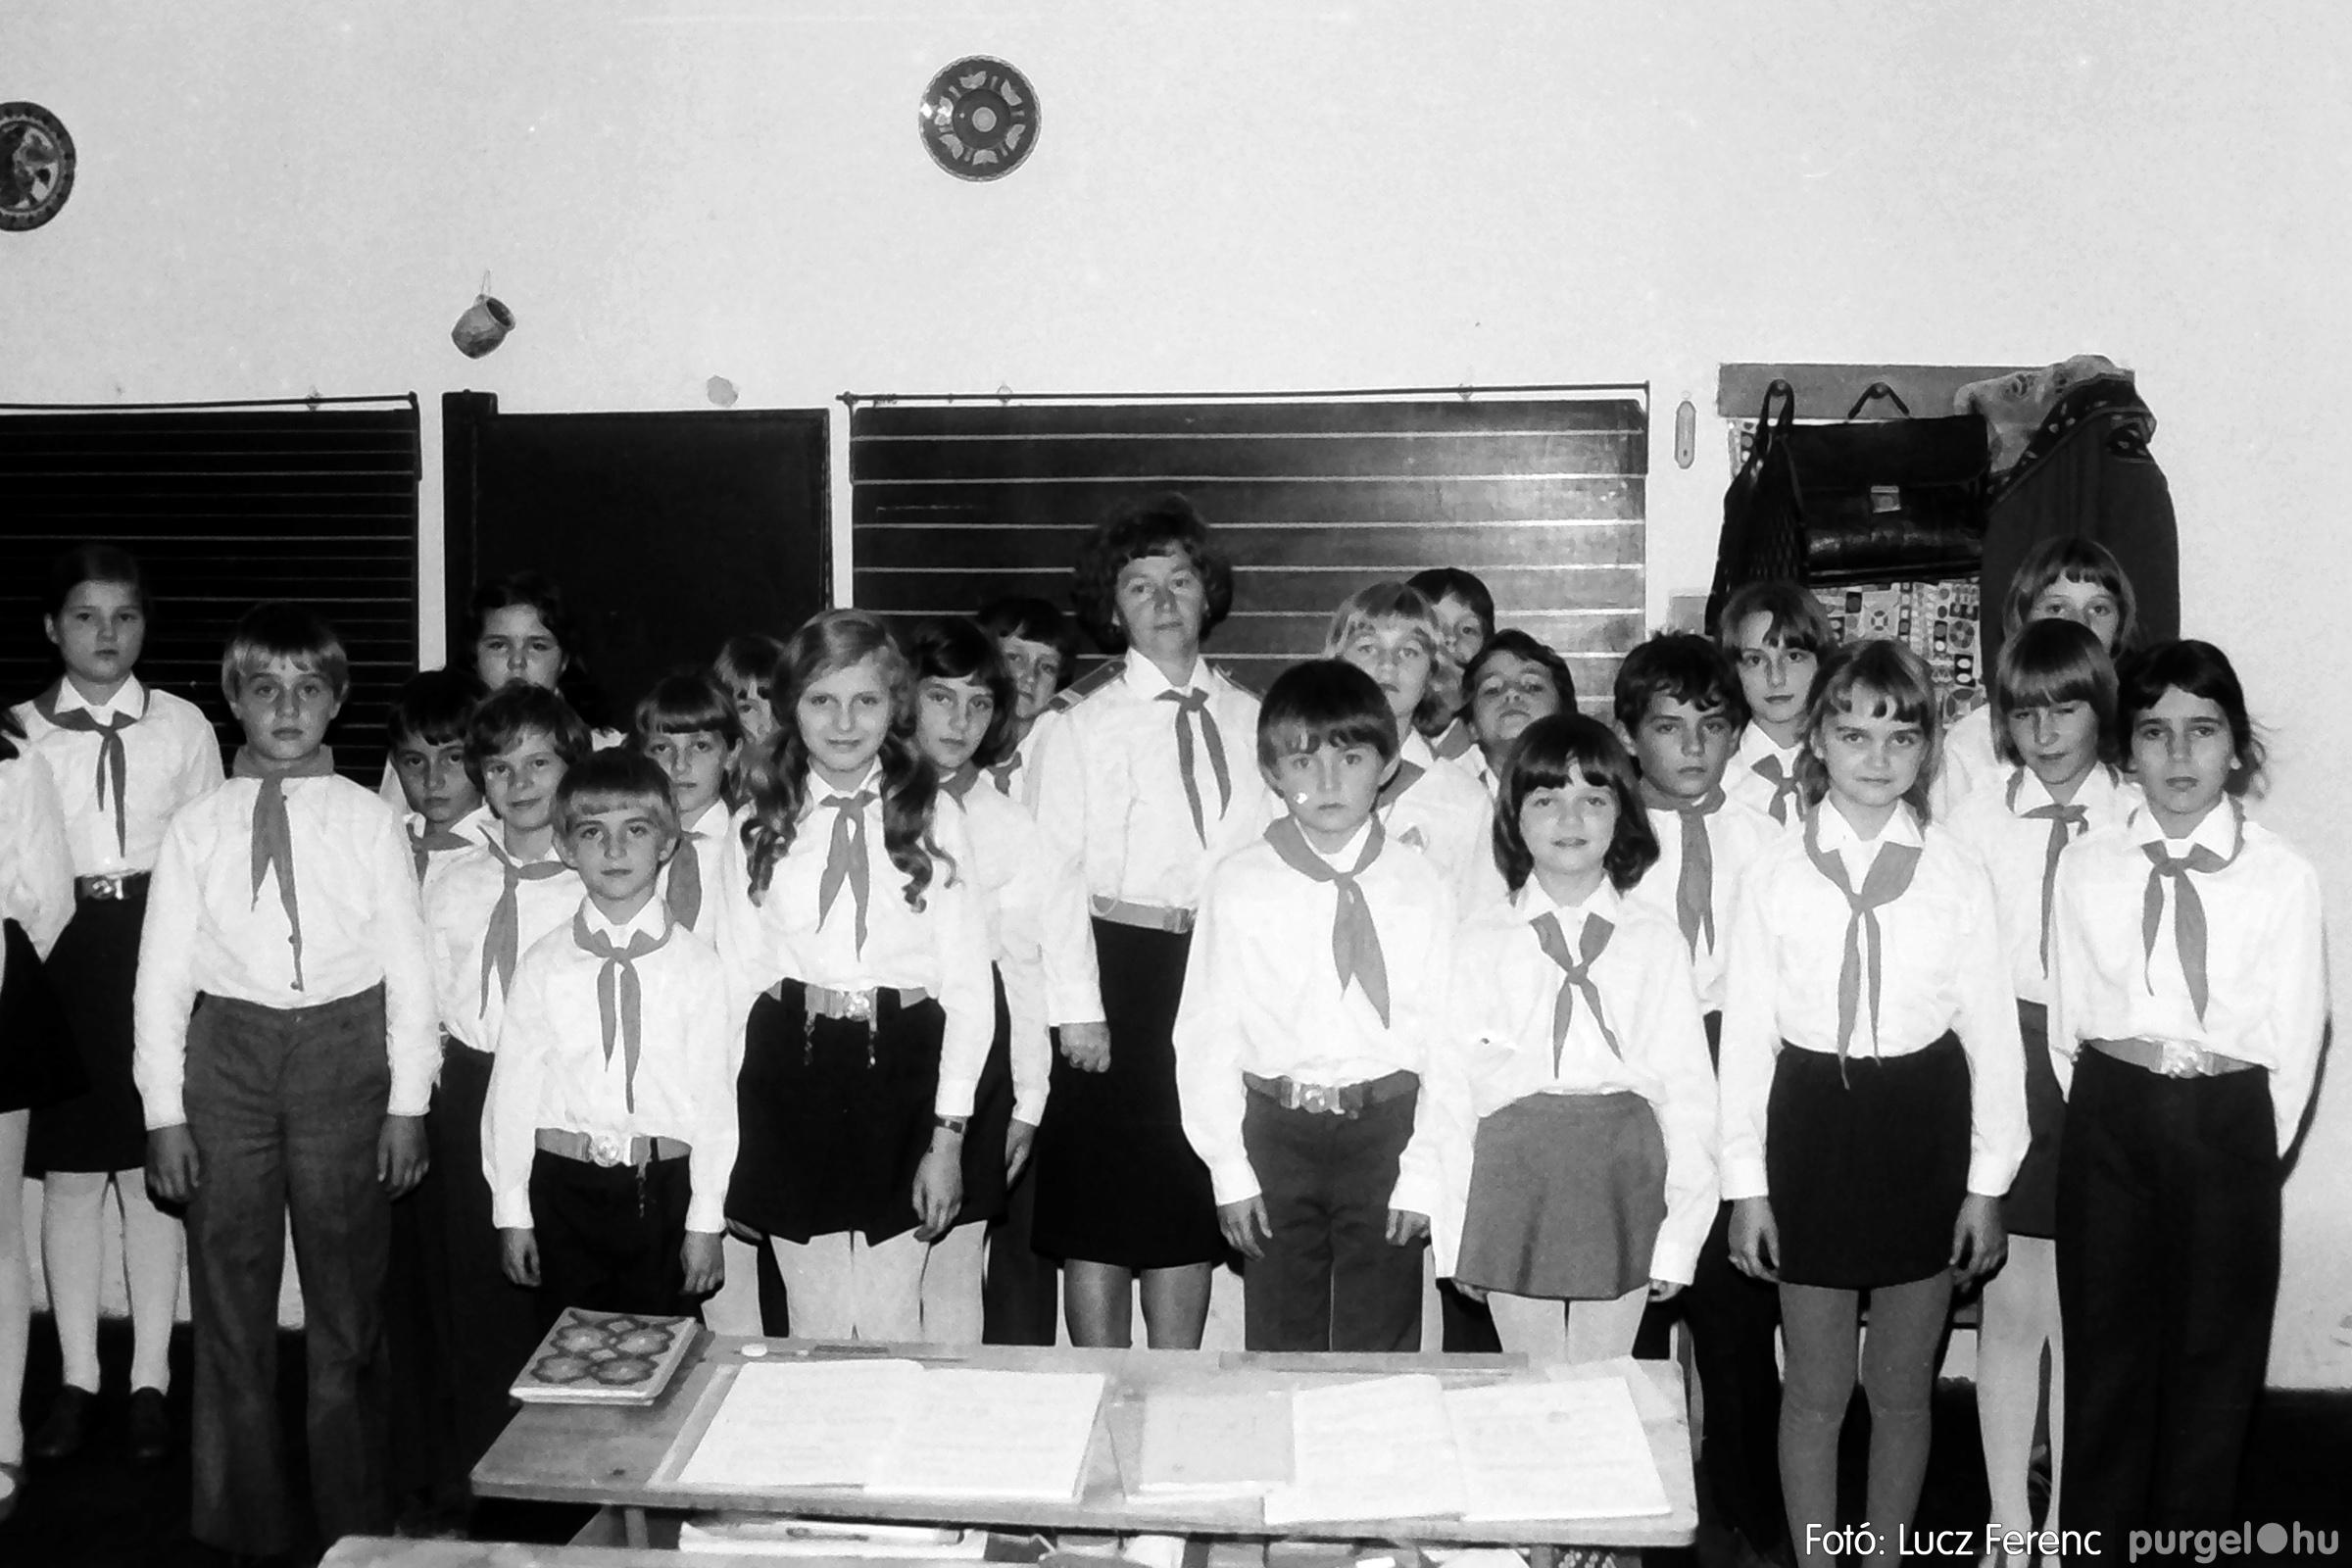 092. 1977. Úttörő rendezvény a Központi Általános Iskolában 001. - Fotó: Lucz Ferenc.jpg